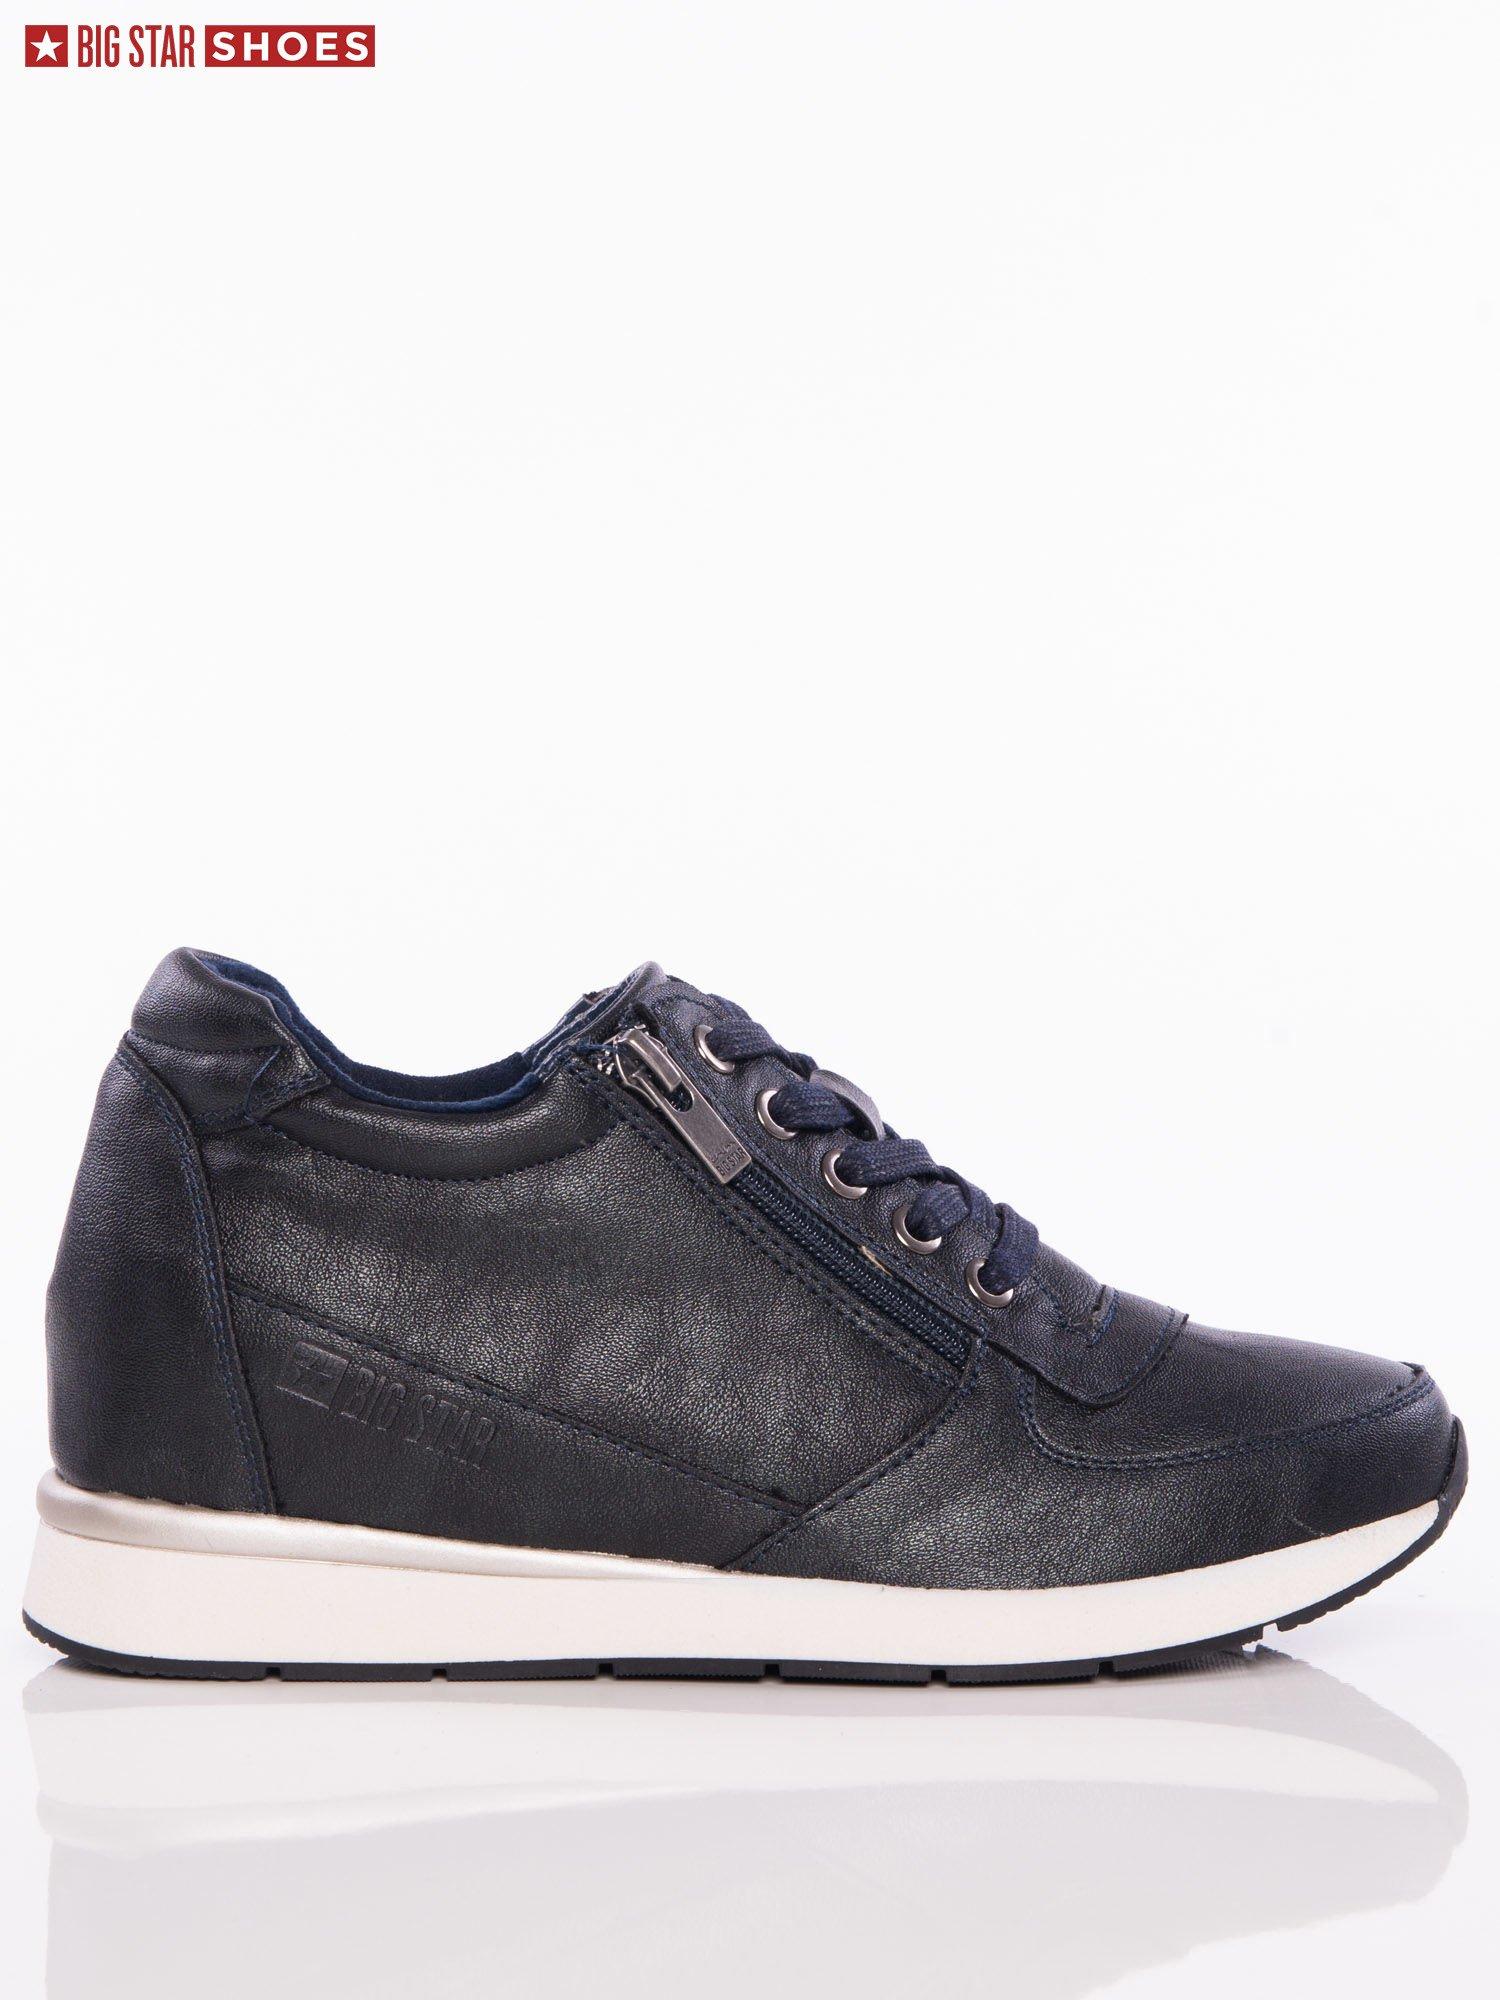 7c803b836f3ca3 Czarne sznurowane buty sportowe BIG STAR na sprężystej podeszwie ze srebrną  wstawką ...